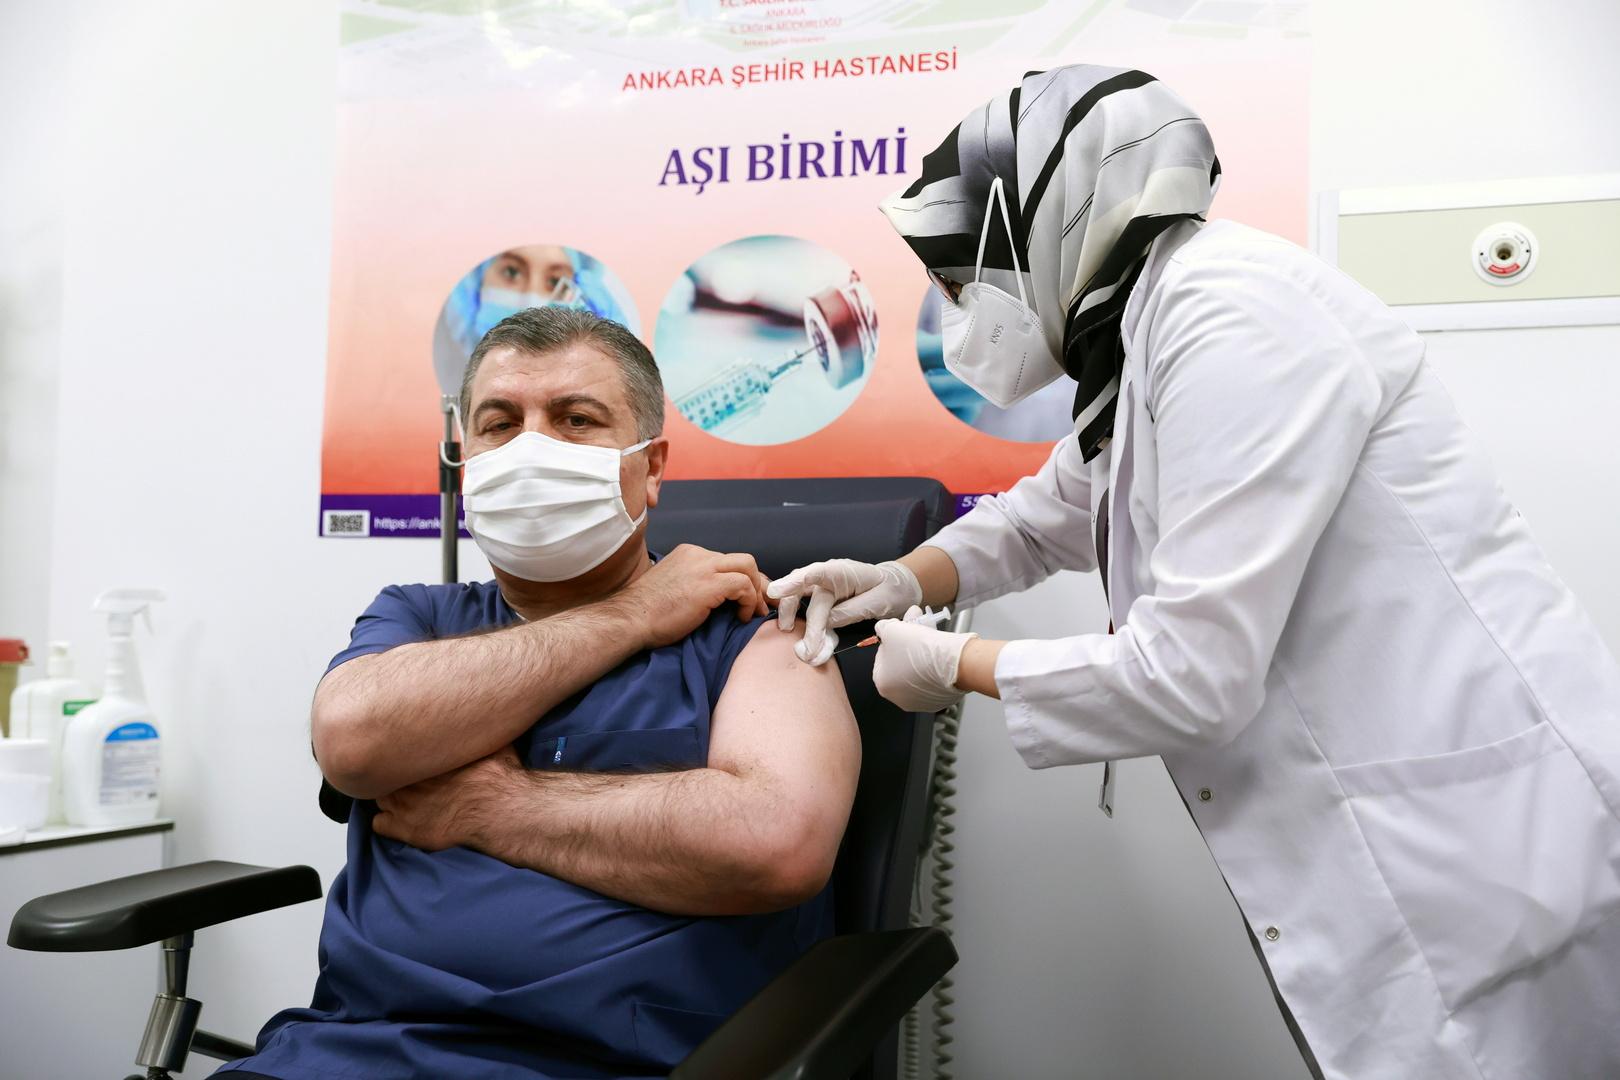 إنطلاق حملة التطعيم ضد كورونا في أنقرة